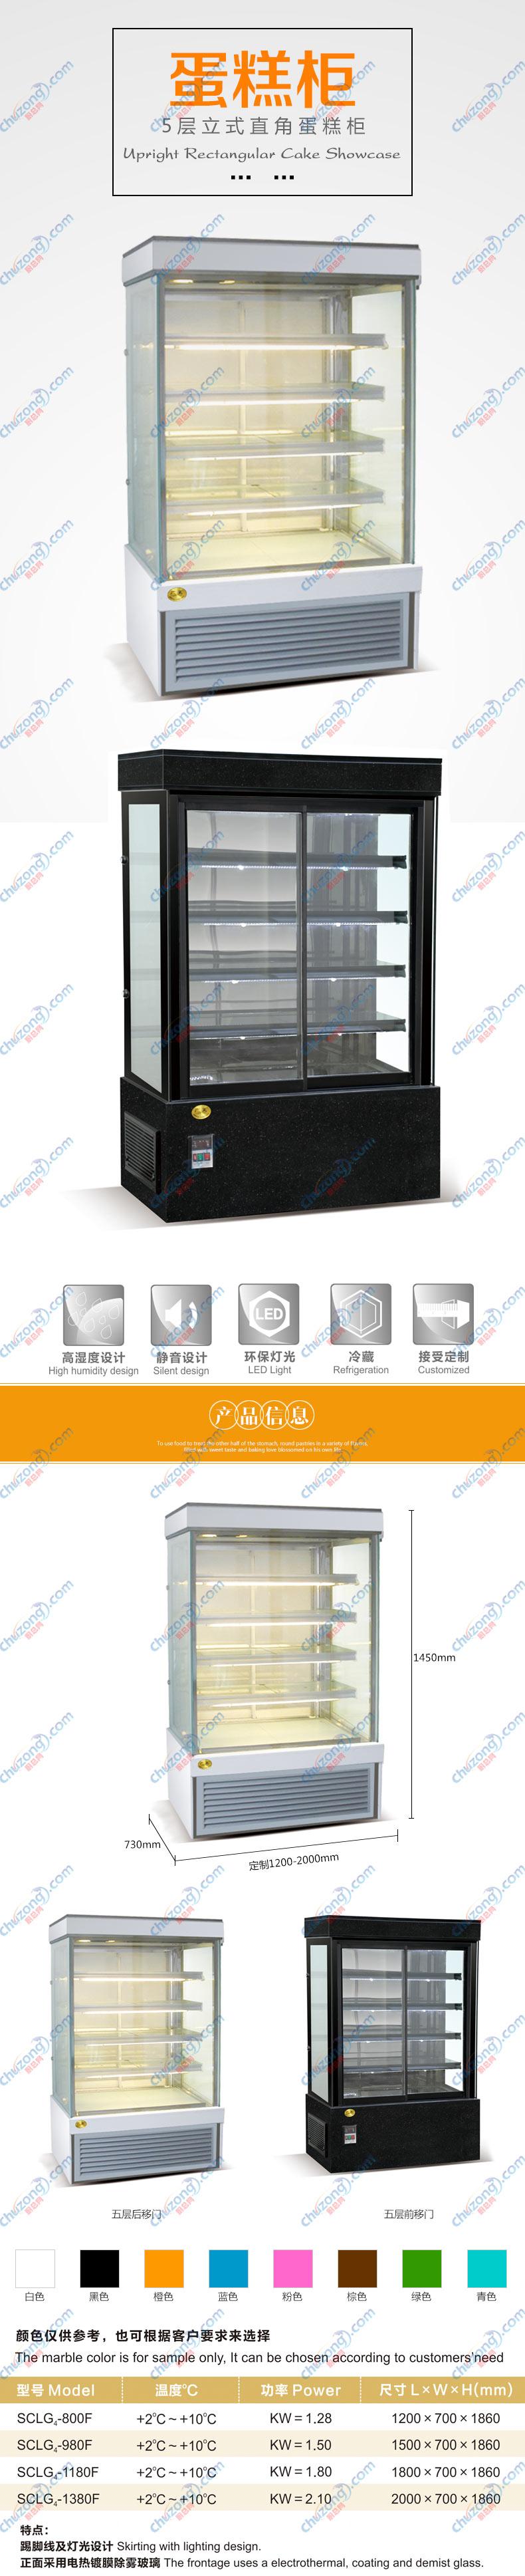 广菱直角蛋糕柜图片